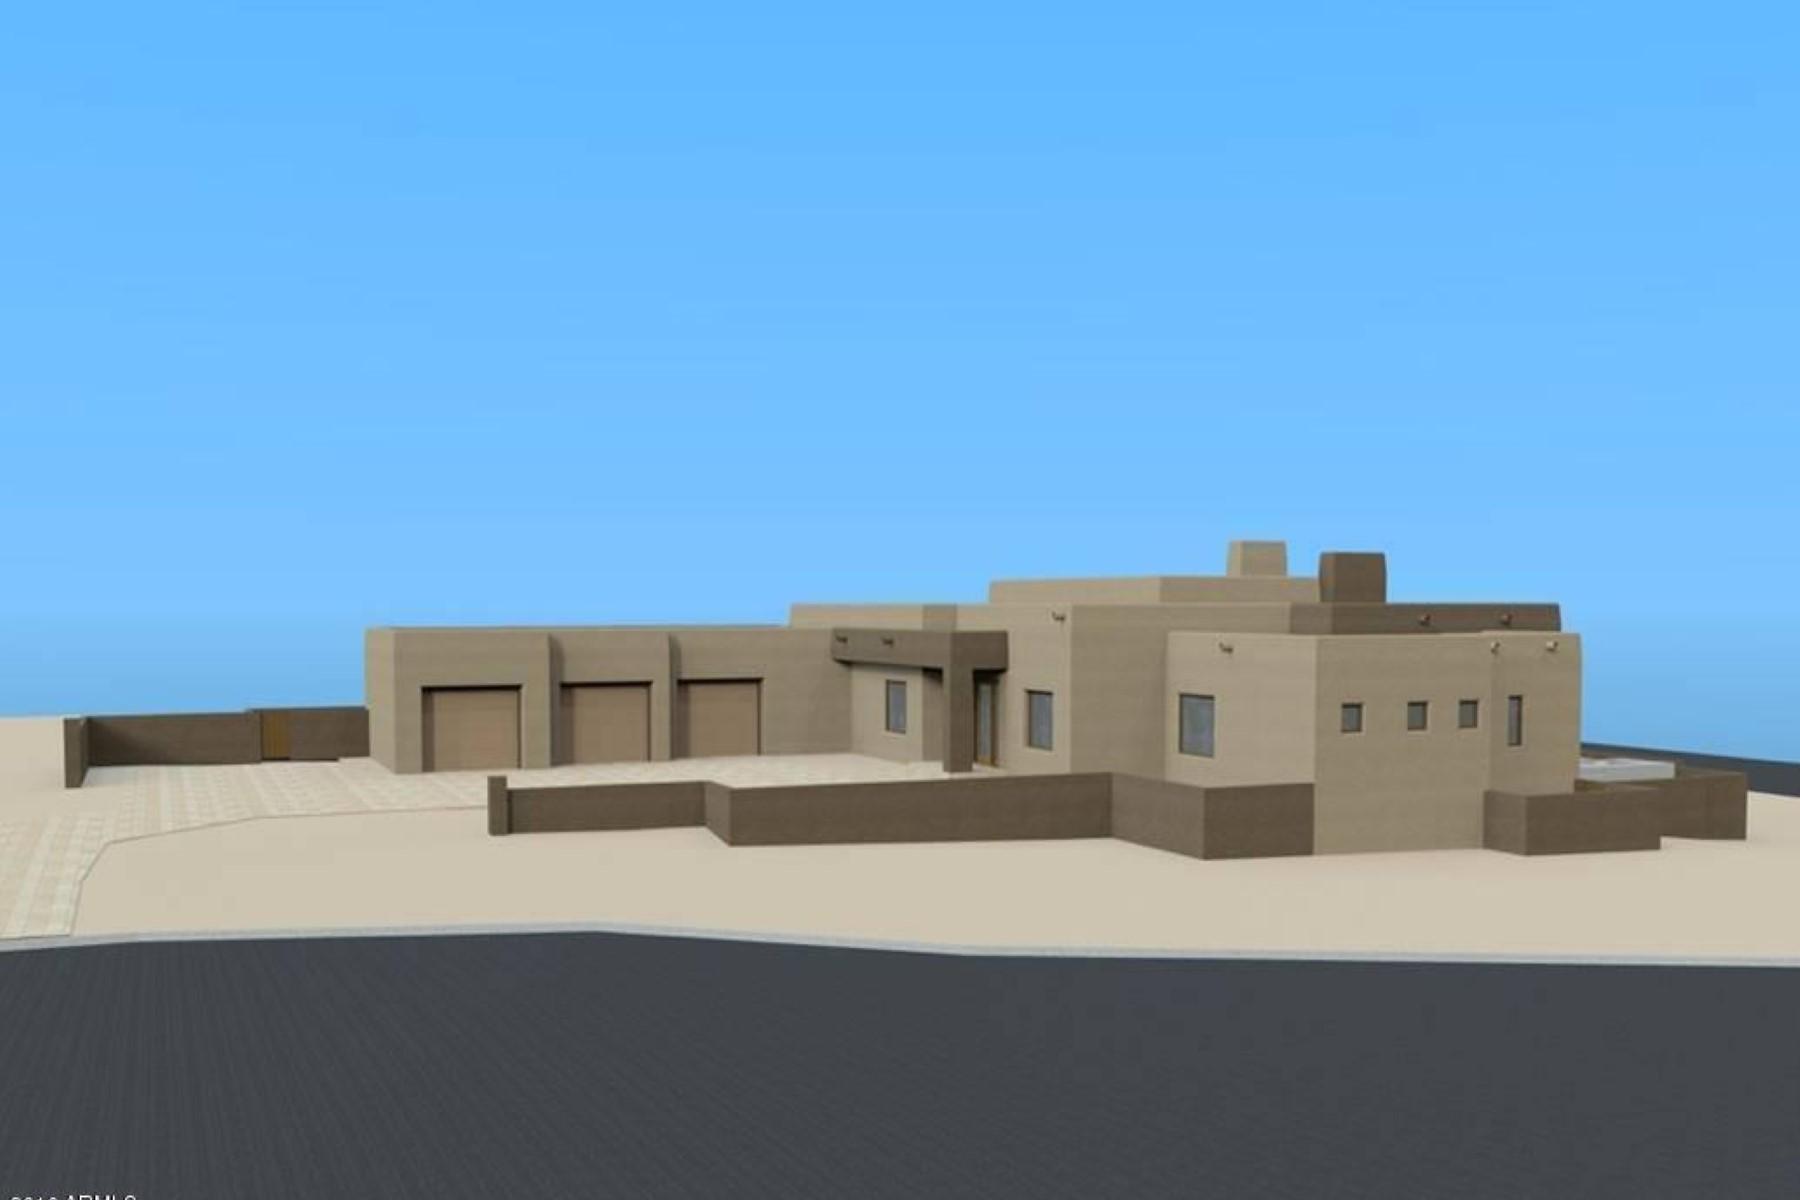 단독 가정 주택 용 매매 에 Brand new construction with a contemporary flair 9411 E Covey Trl Scottsdale, 아리조나, 85262 미국